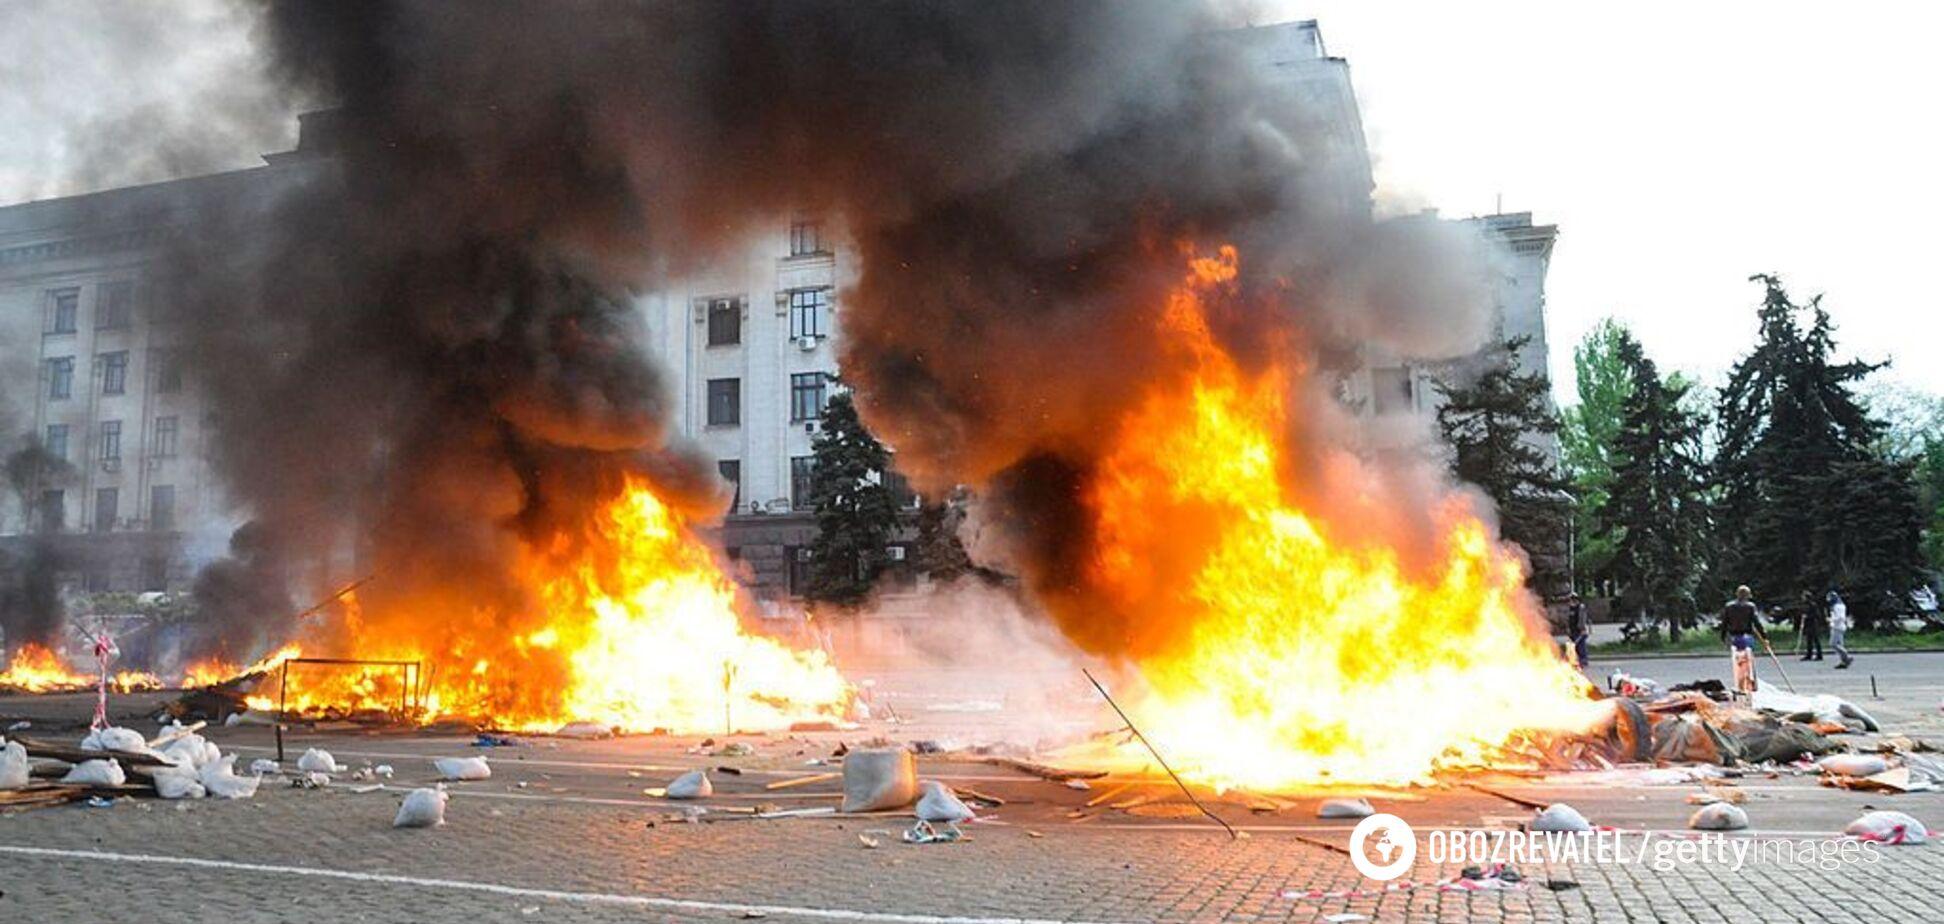 Трагедія в Одесі 2 травня: Росія цинічно відповіла на загибель людей